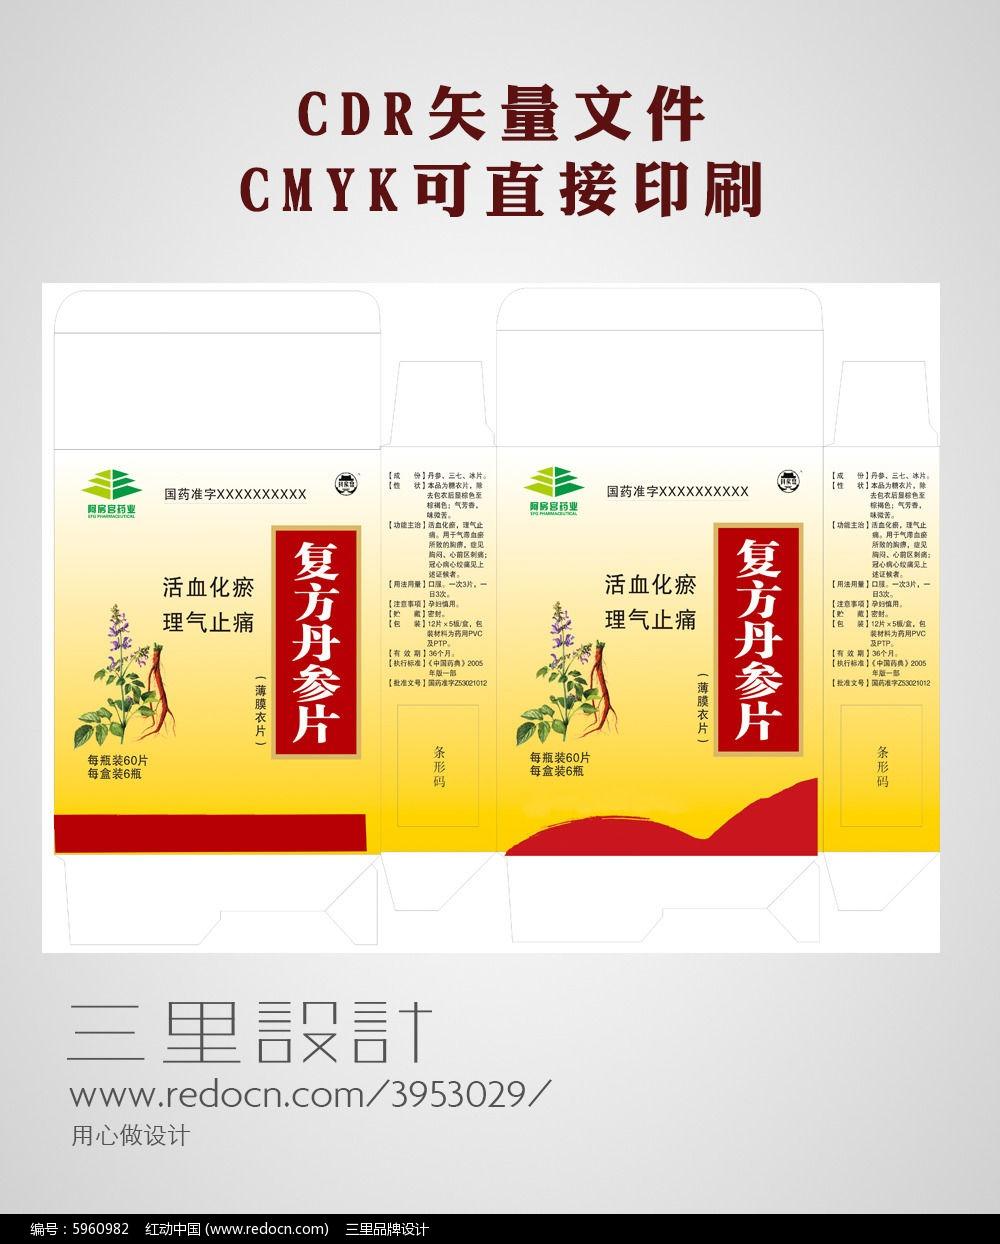 药盒包装设计CDR模板图片